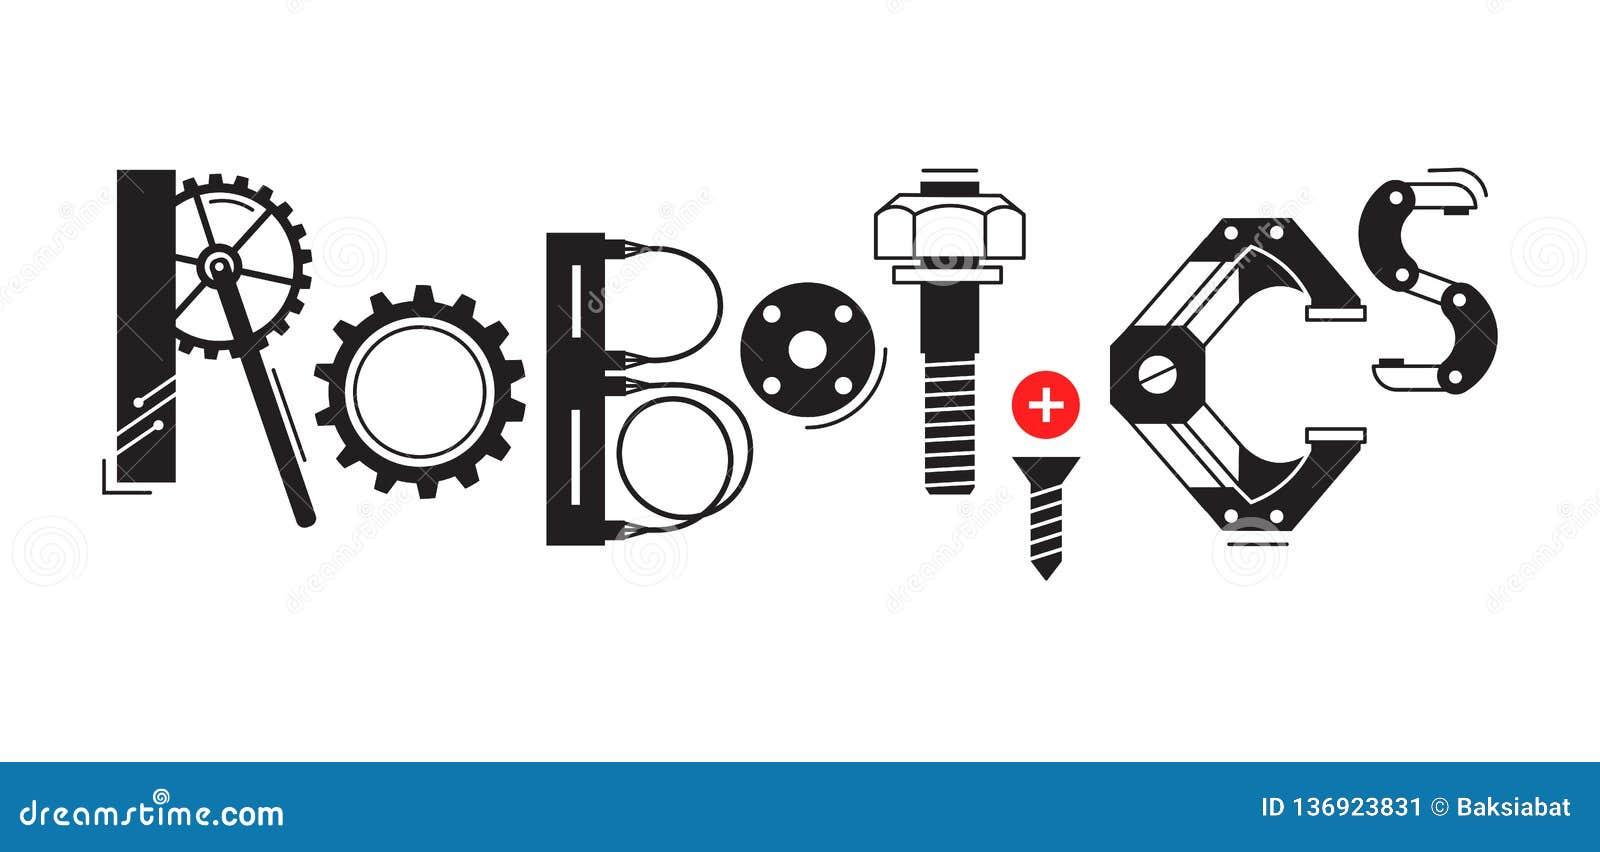 Robótica Ilustraciones Stock, Vectores, Y Clipart